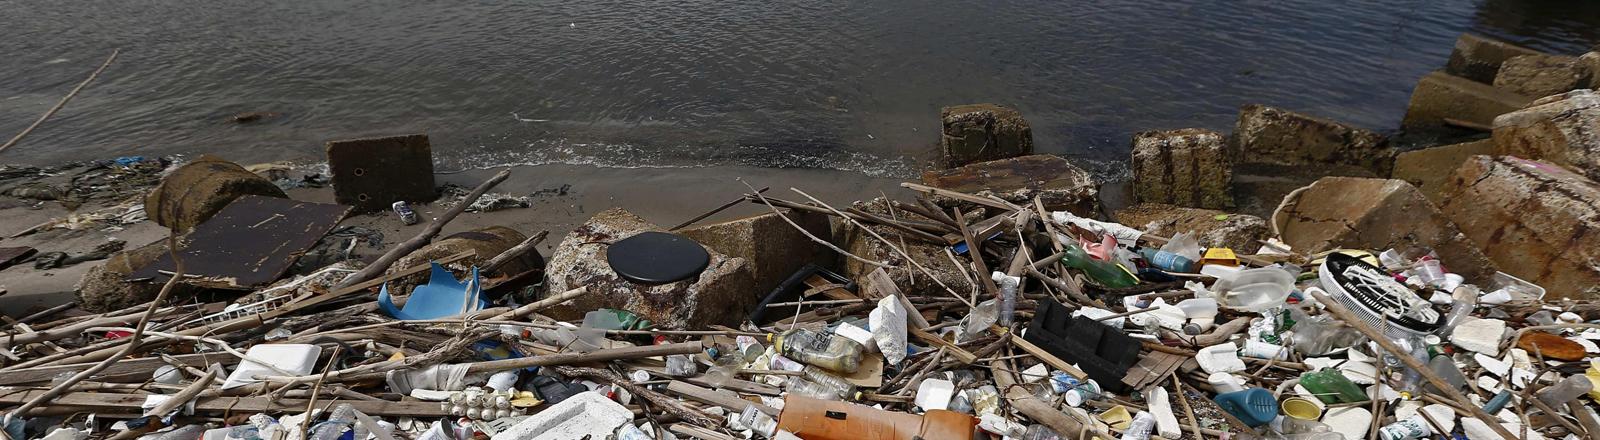 Müll in der Guanabara-Bucht vor Rio